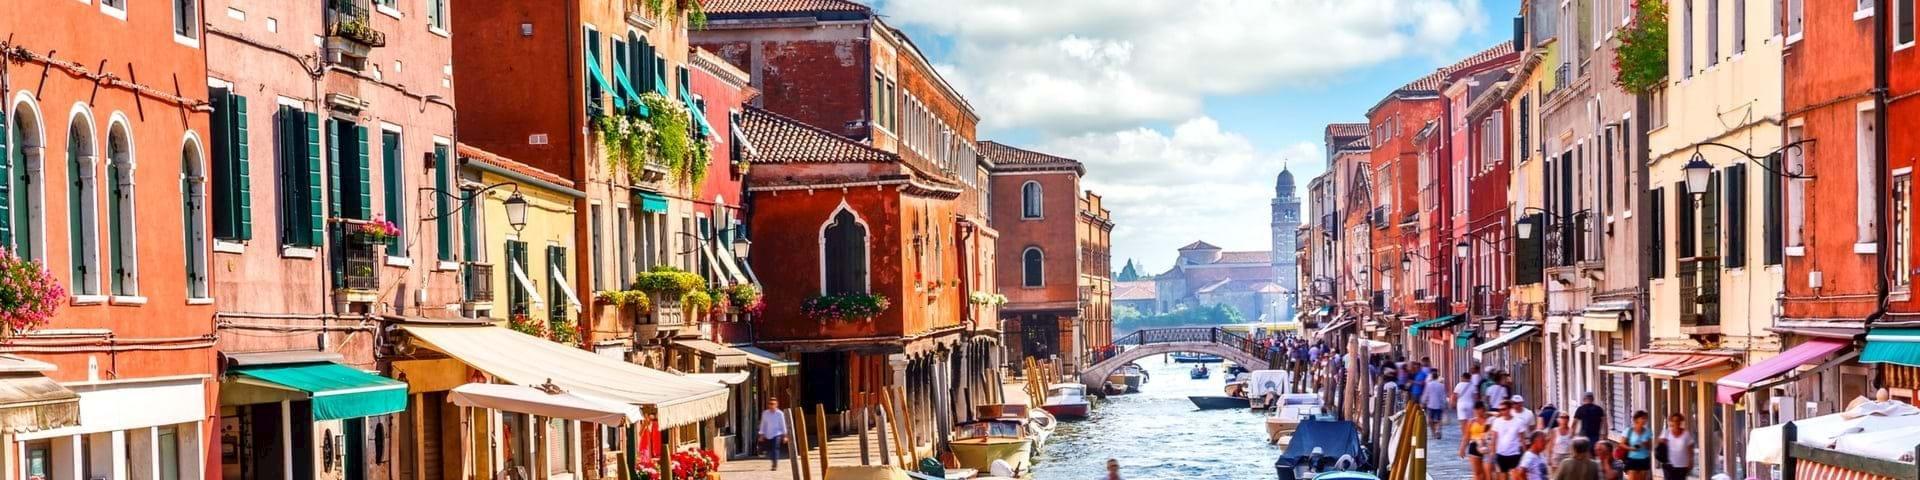 Murano & Burano Tours